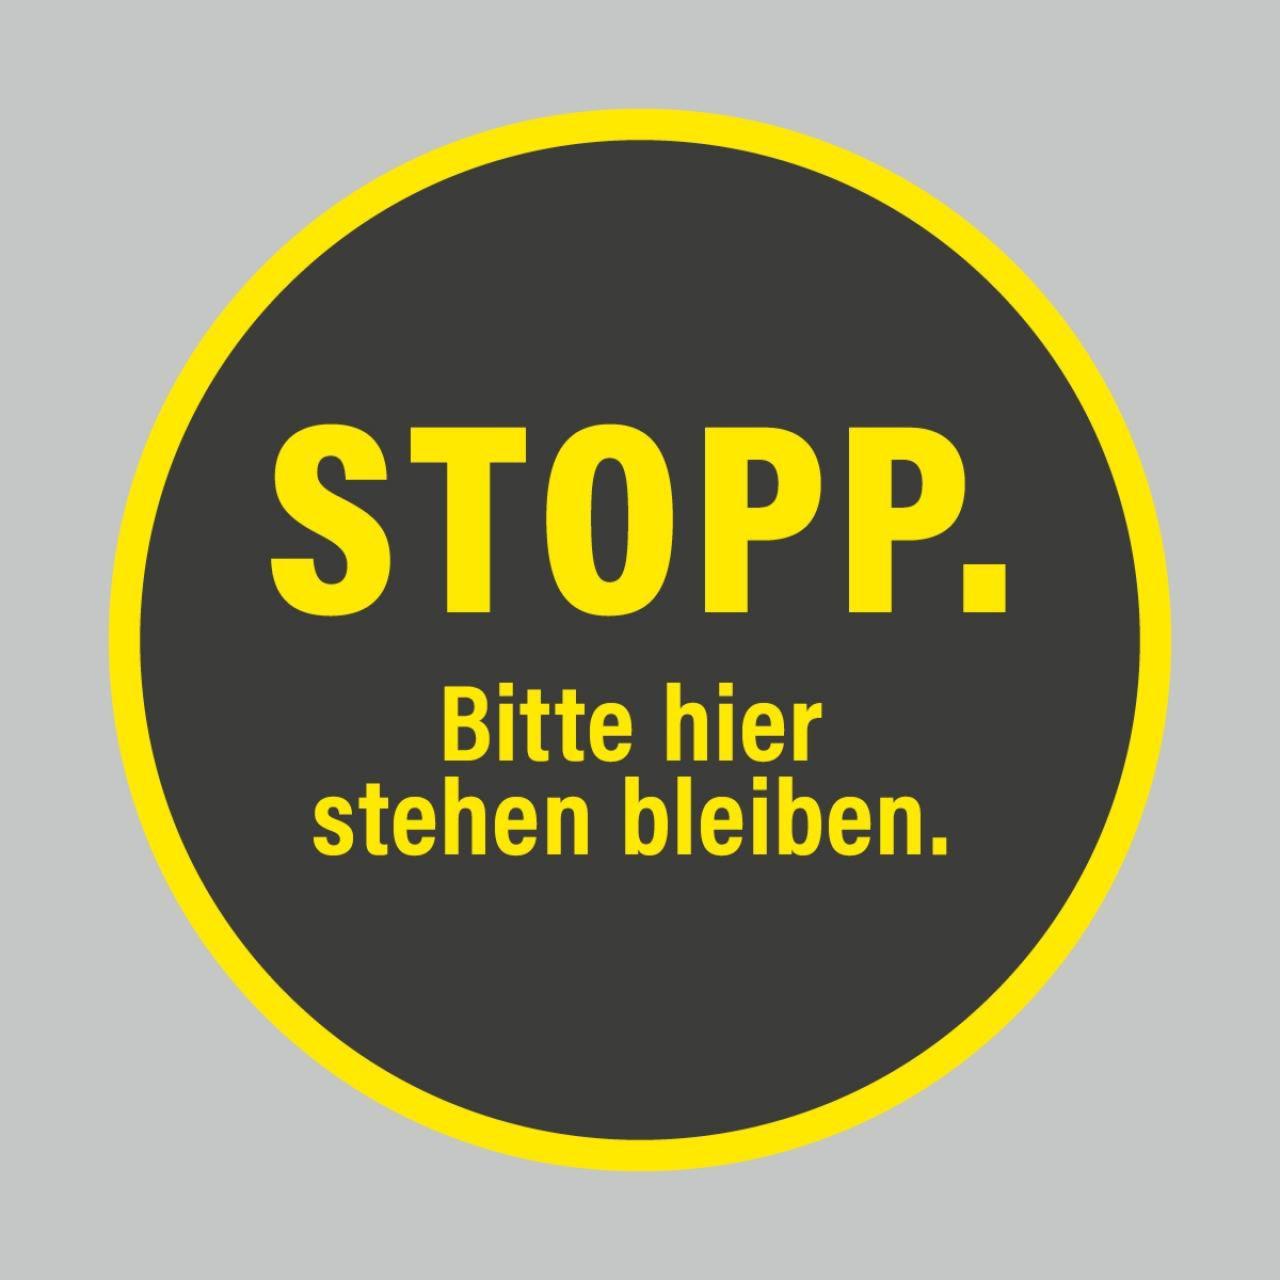 Fußbodenaufkleber, gelb-schwarz, rund 48cm – Stopp